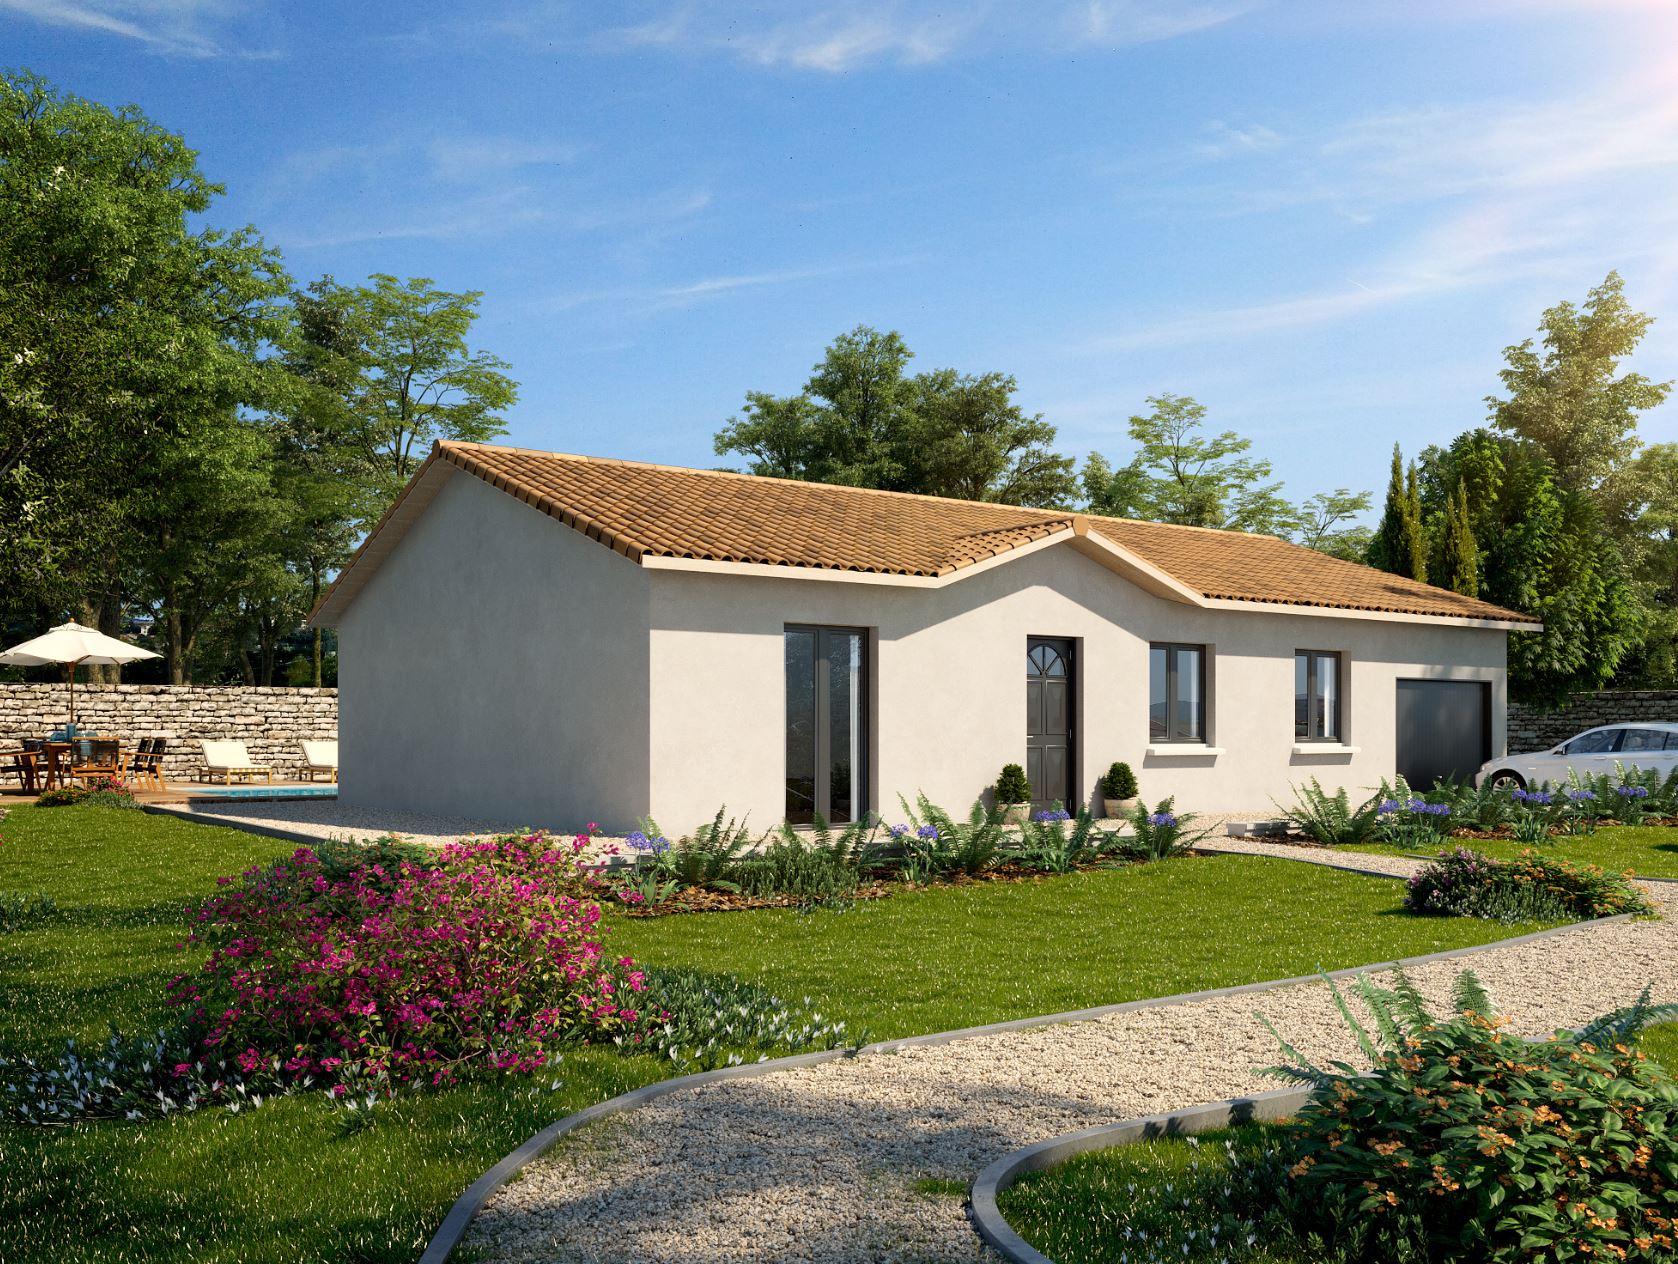 Maisons + Terrains du constructeur MAISONS PUNCH BOURGOIN • 78 m² • TORCHEFELON